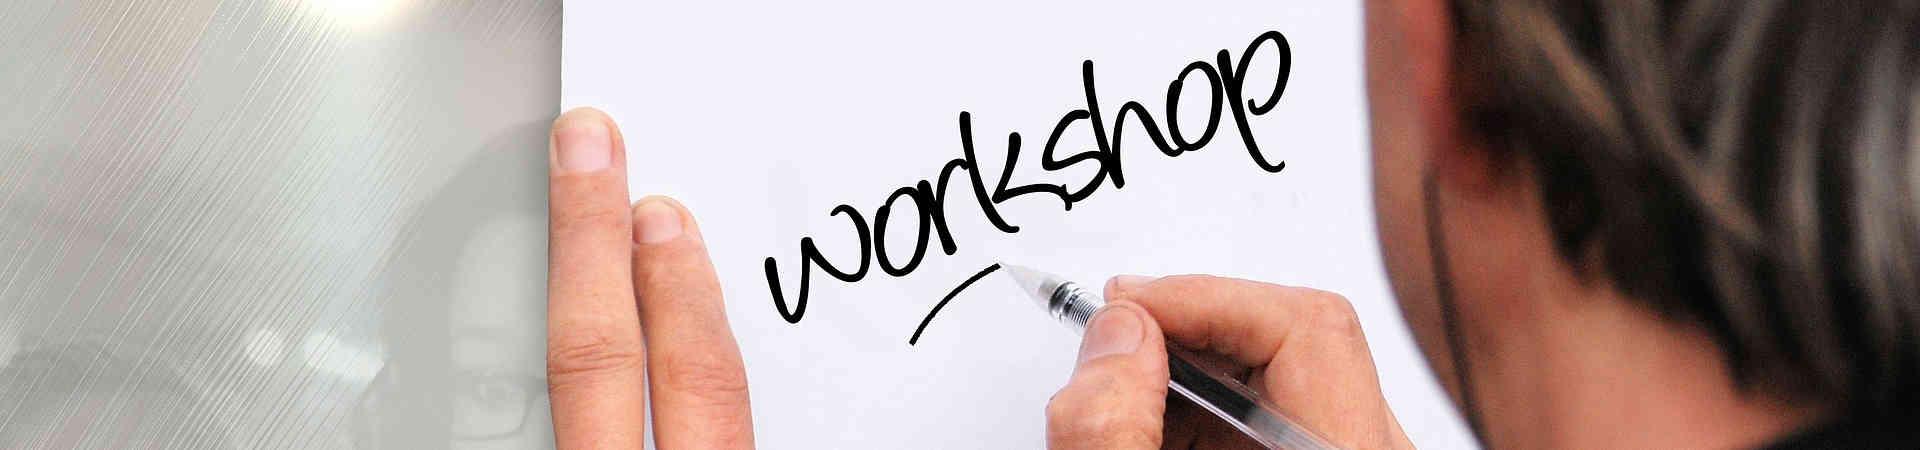 Kompakt-Workshop: EU-Verbundprojekte erfolgreich planen, beantragen und koordinieren